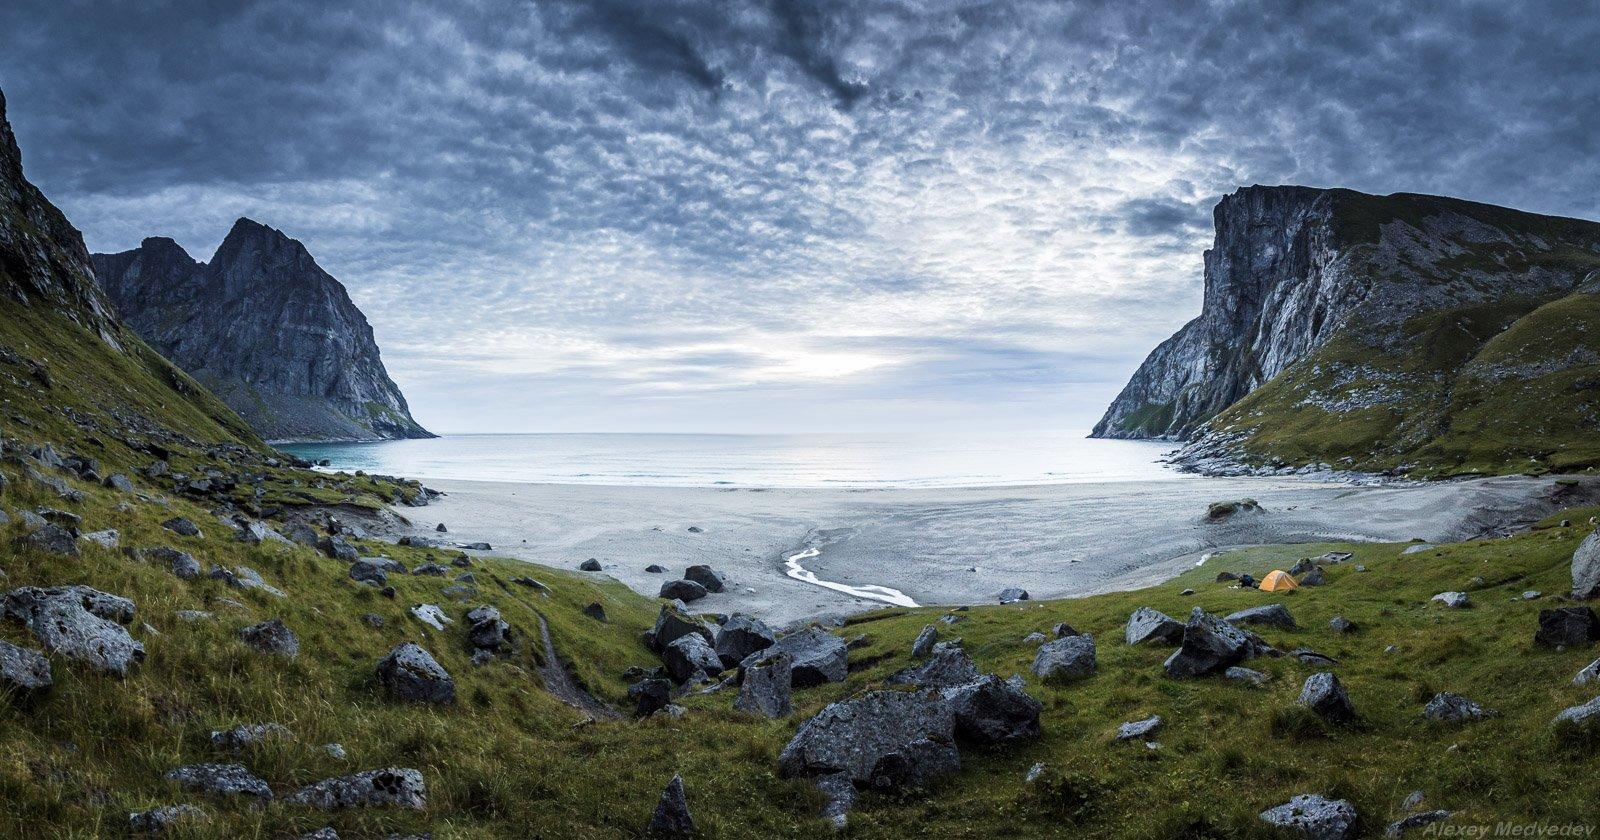 Квалвик, Лофотены, Норвегия, пляж, море, серер, острова, скалы, панорама, Алексей Медведев